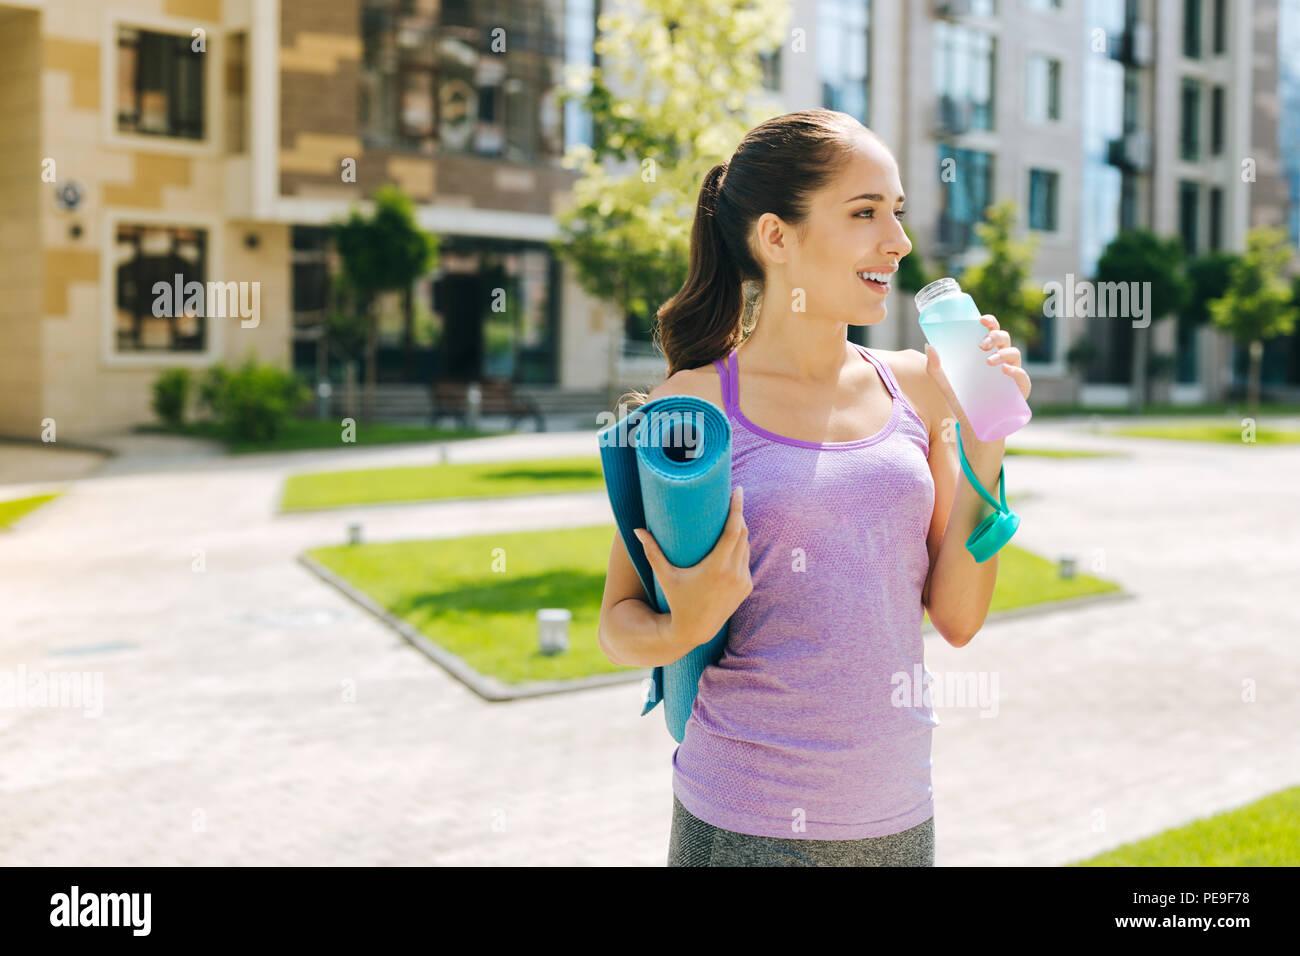 Heureux joyeuse femme tenant une bouteille d'eau Photo Stock